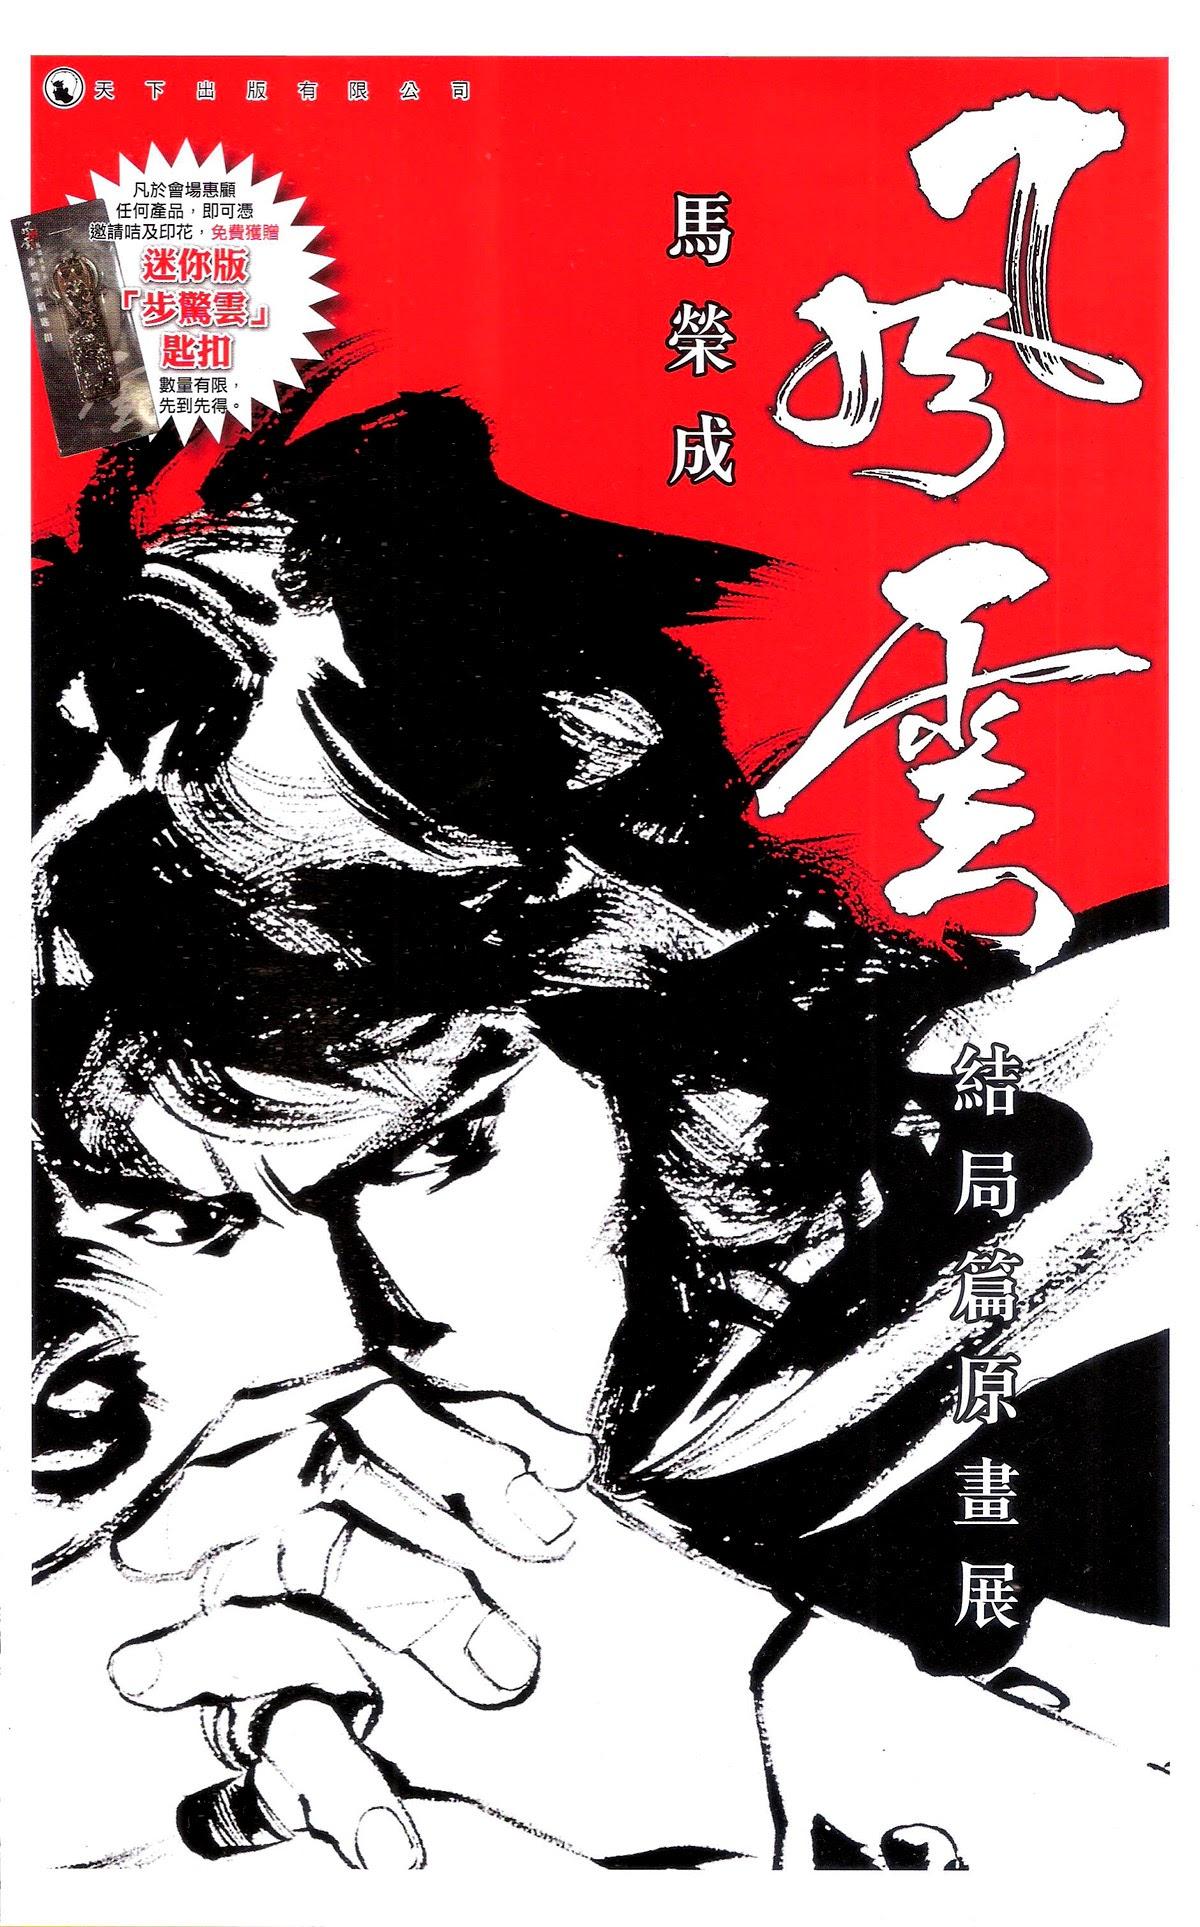 Phong Vân chap 675 - Trang 80